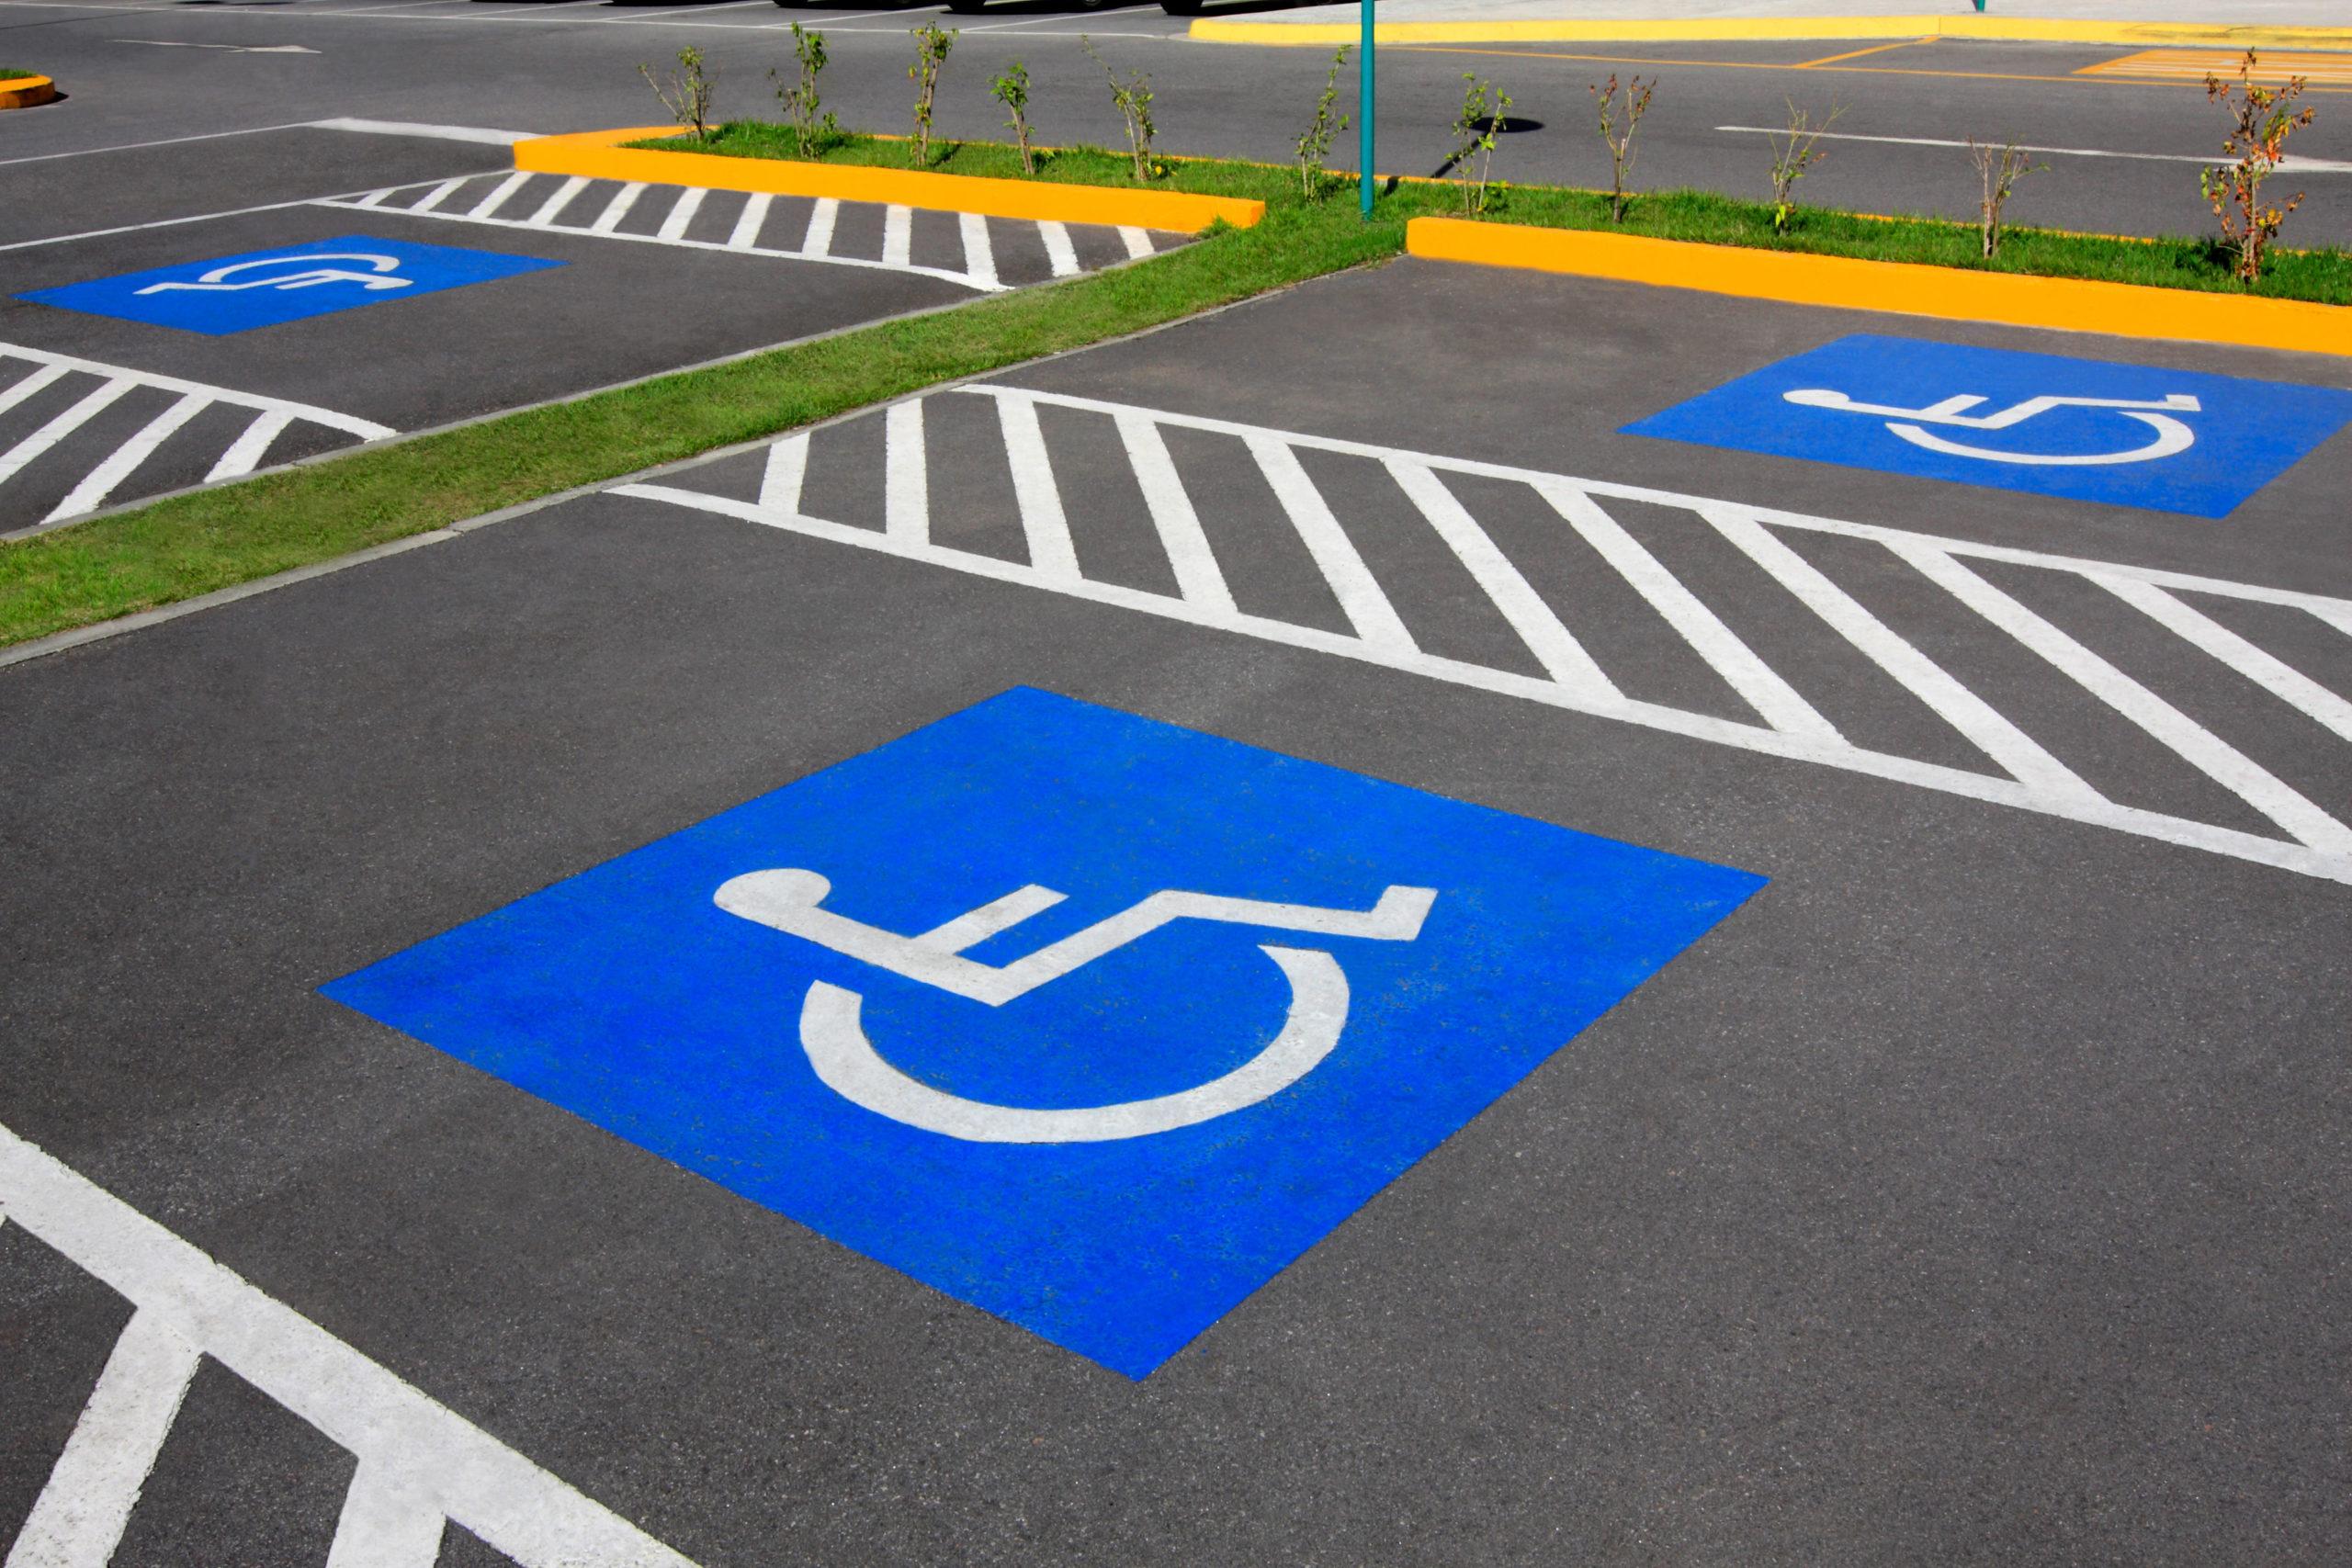 ไม่พิการ แต่จอดรถช่องคนพิการผิดไหม? เข้าใจสิทธิและการออกแบบที่จอดรถสำหรับทุก คน